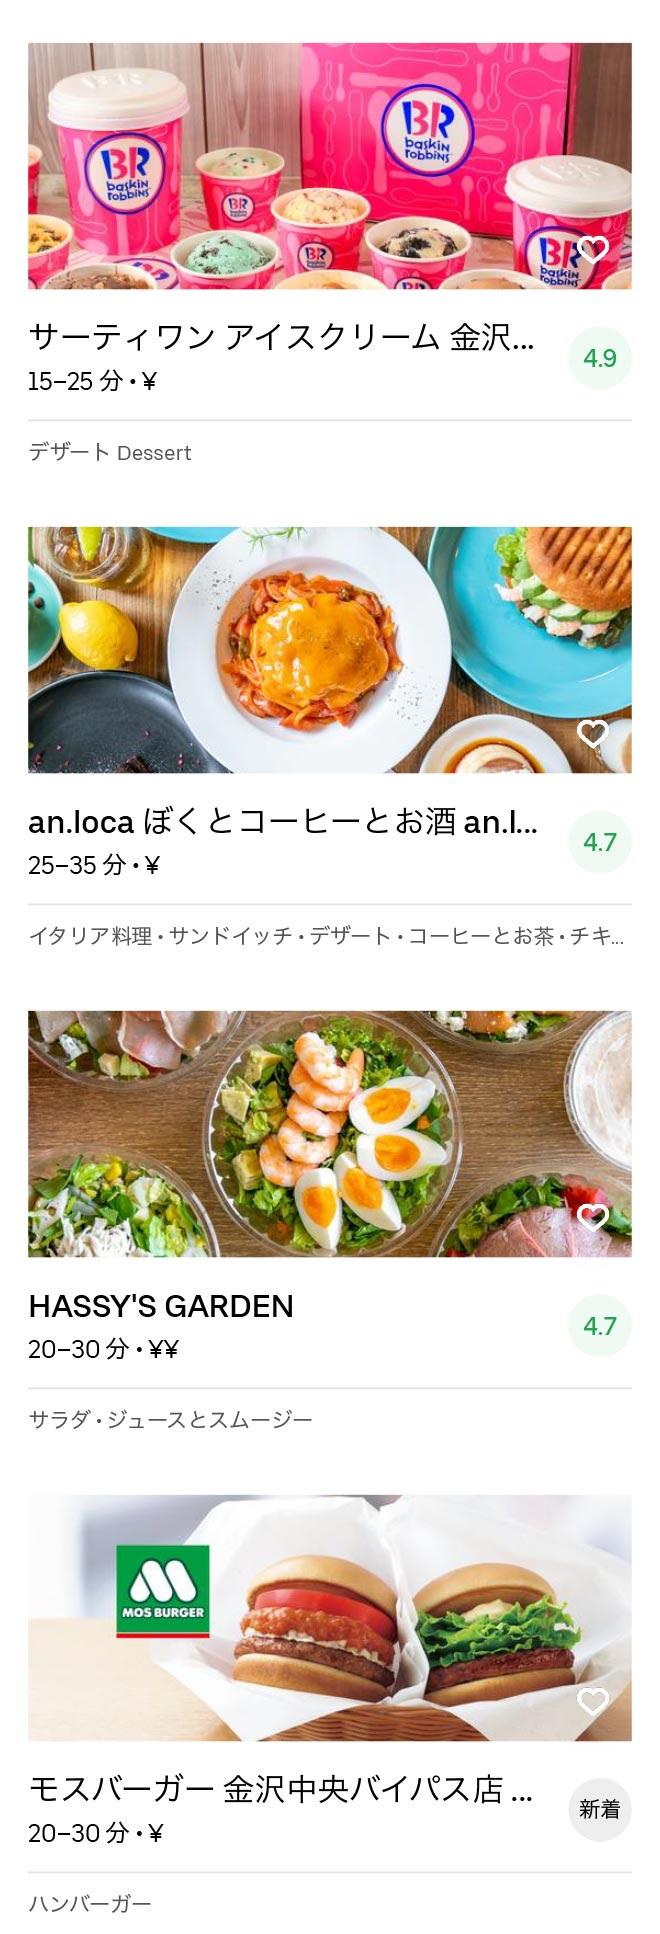 Kanazawa menu 2005 03